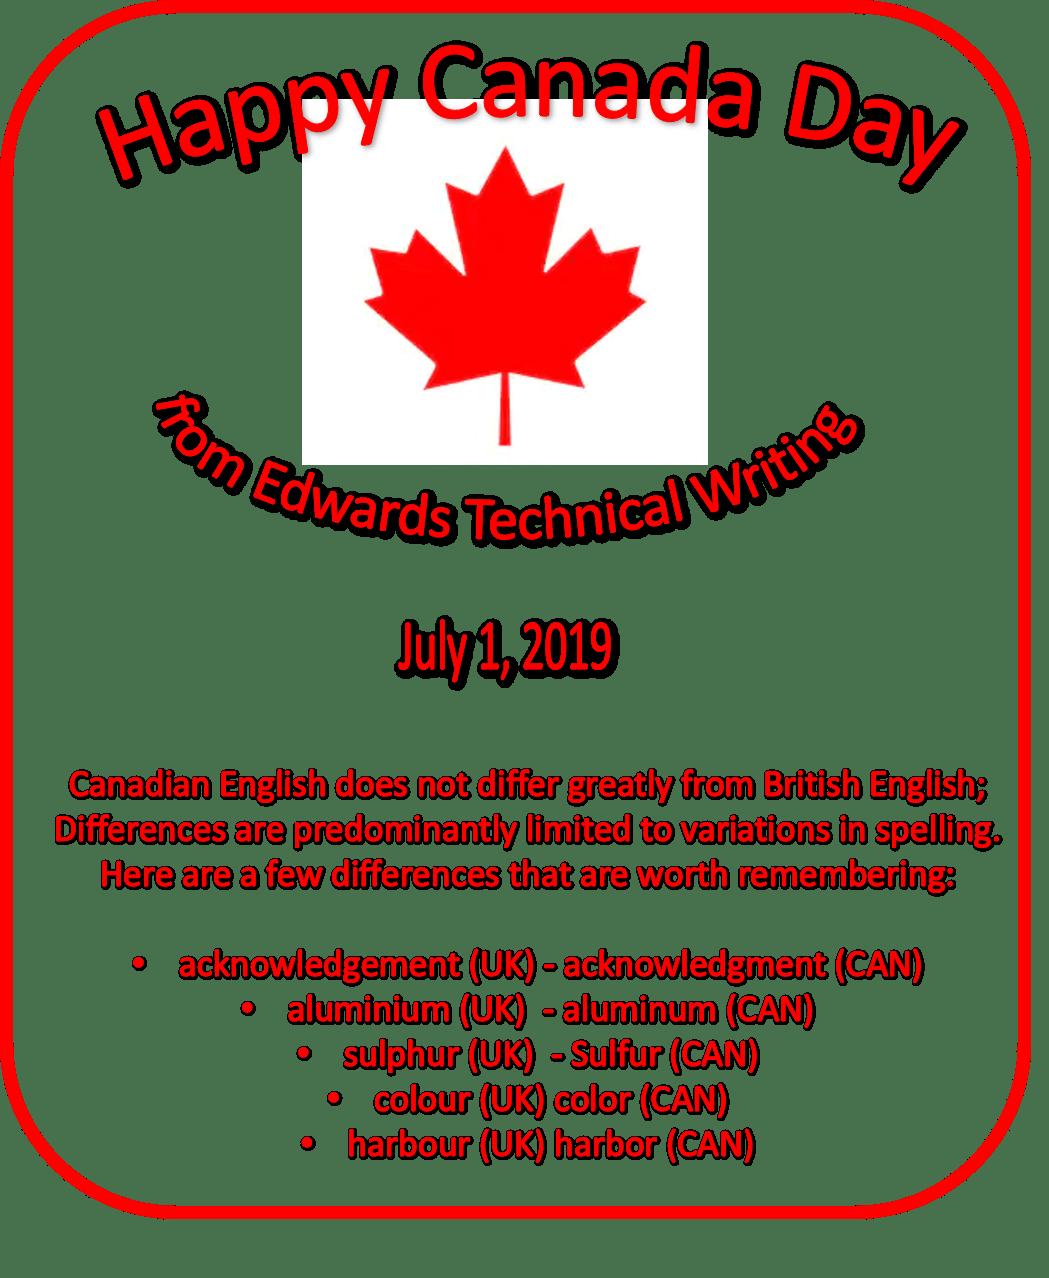 CanadaDay2019